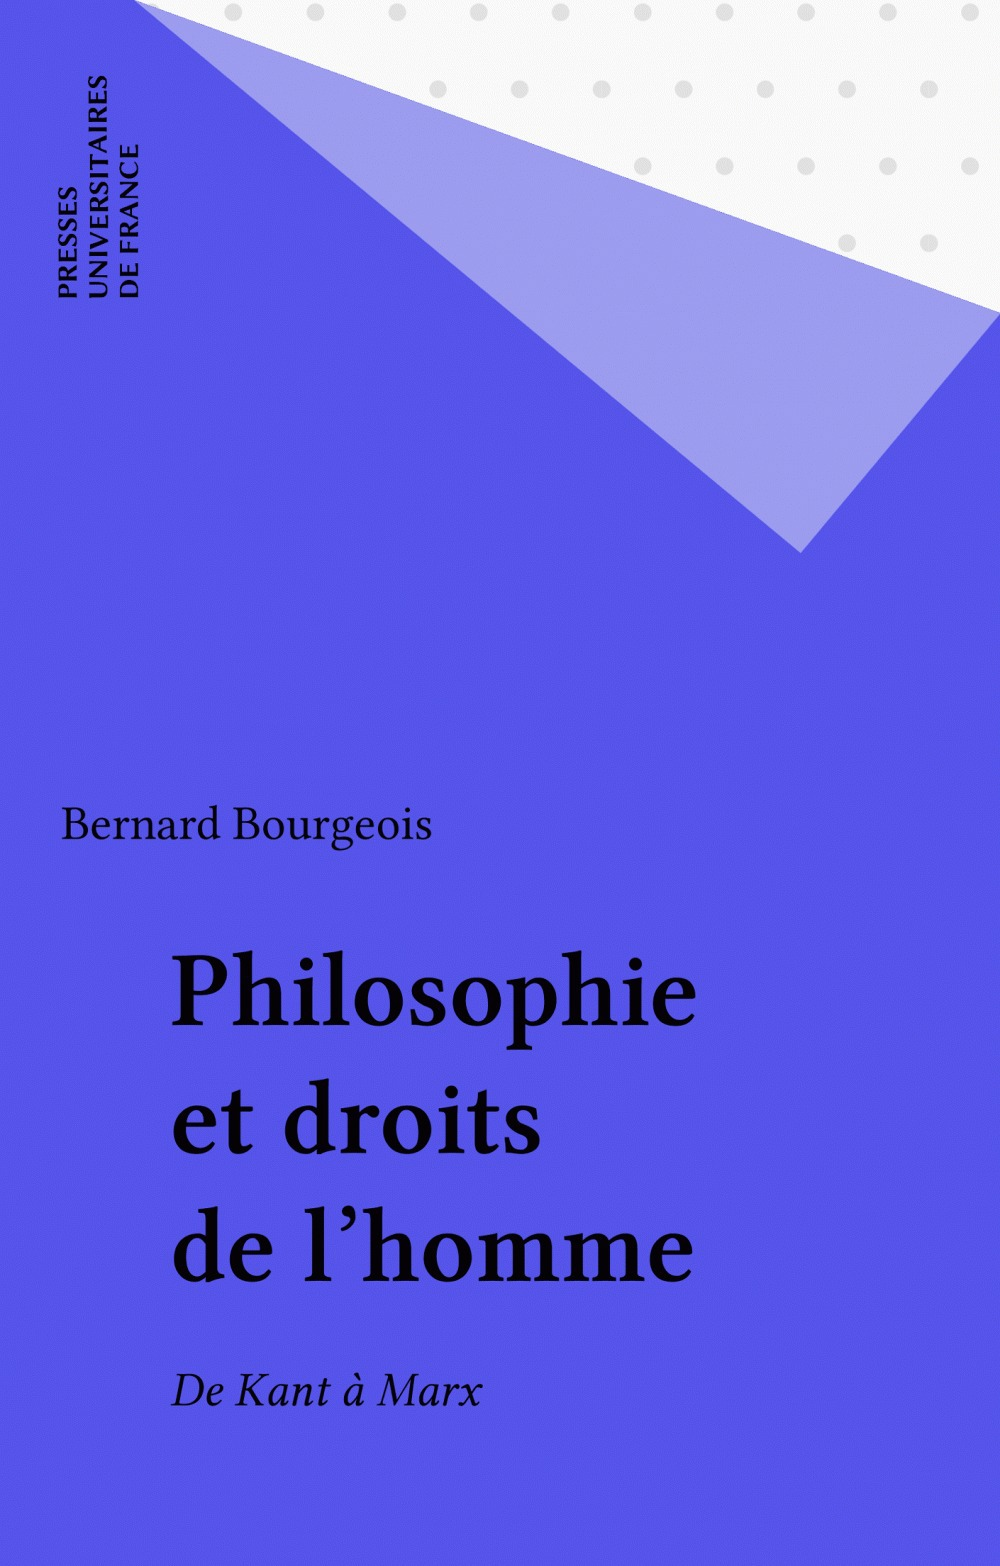 La philosophie et les droits de l'homme de Kant à Marx